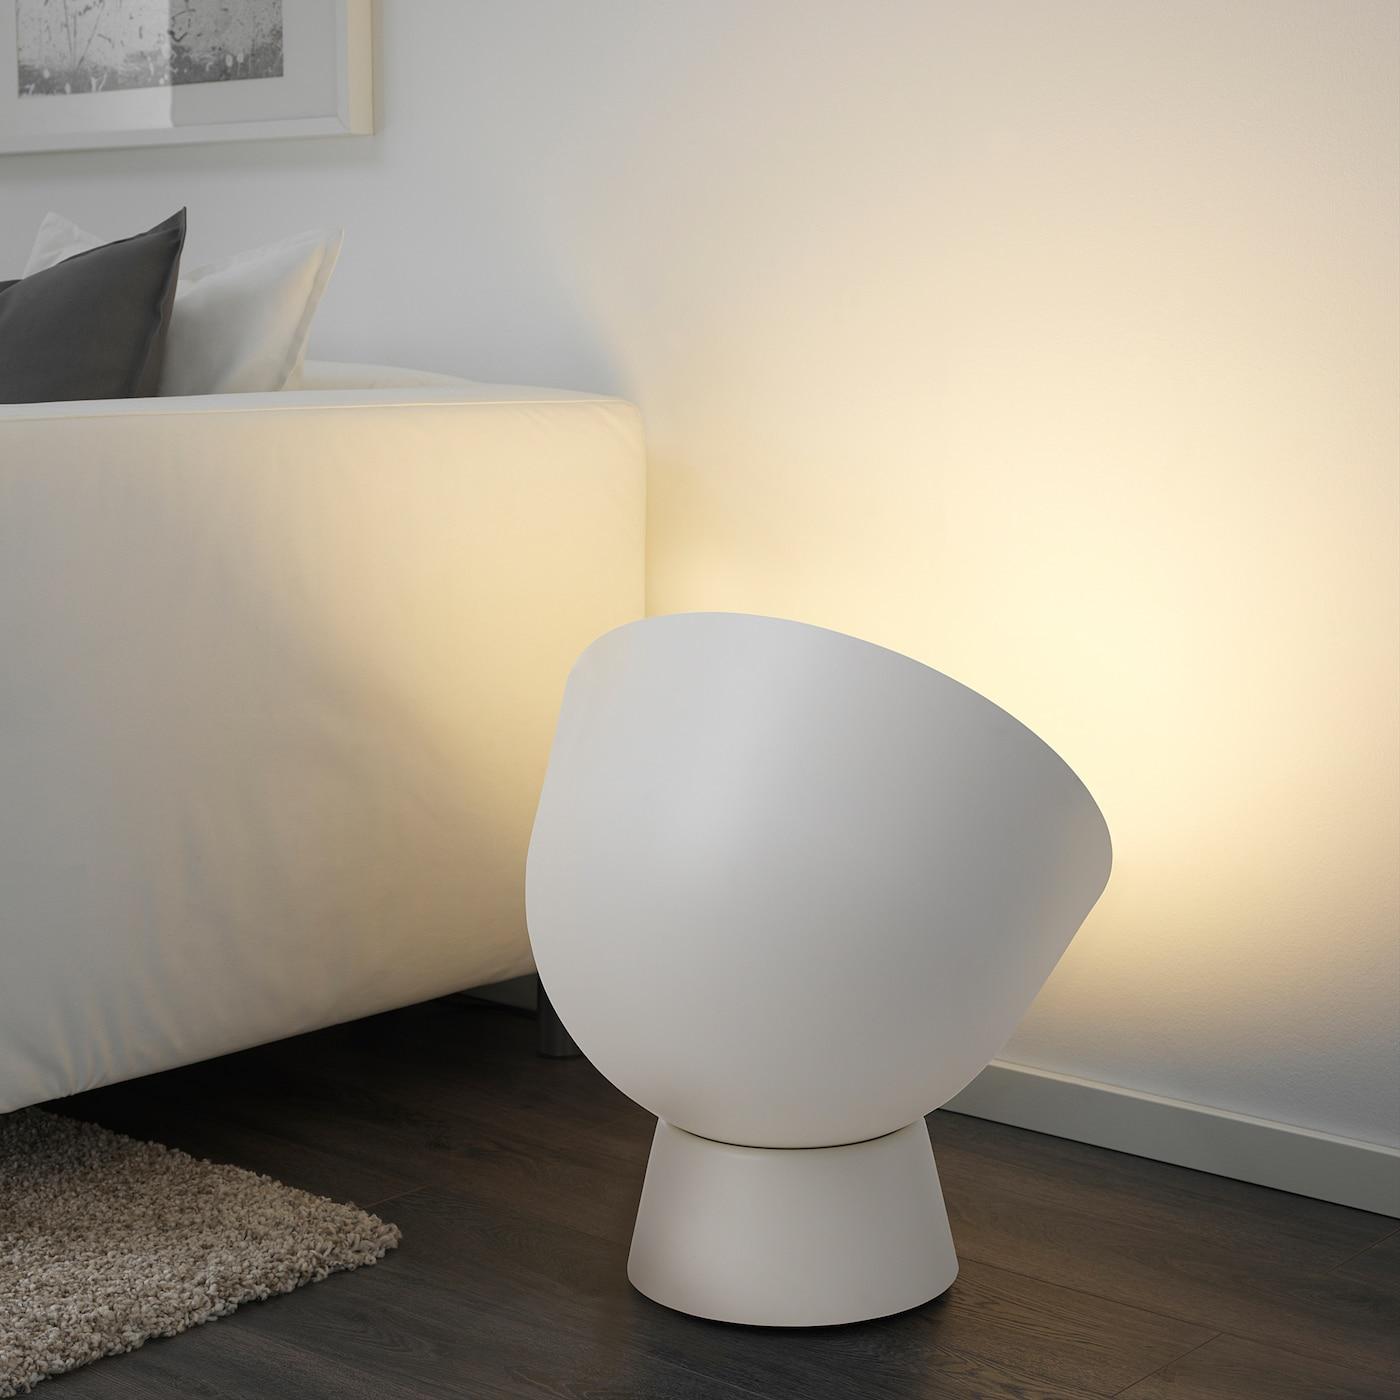 Full Size of Ikea Stehlampe Holz Stehlampen Wohnzimmer Frischer Look Frs Teppich Esstische Bett Massivholz Regal Miniküche Sofa Mit Holzfüßen Modulküche Holzbrett Wohnzimmer Ikea Stehlampe Holz